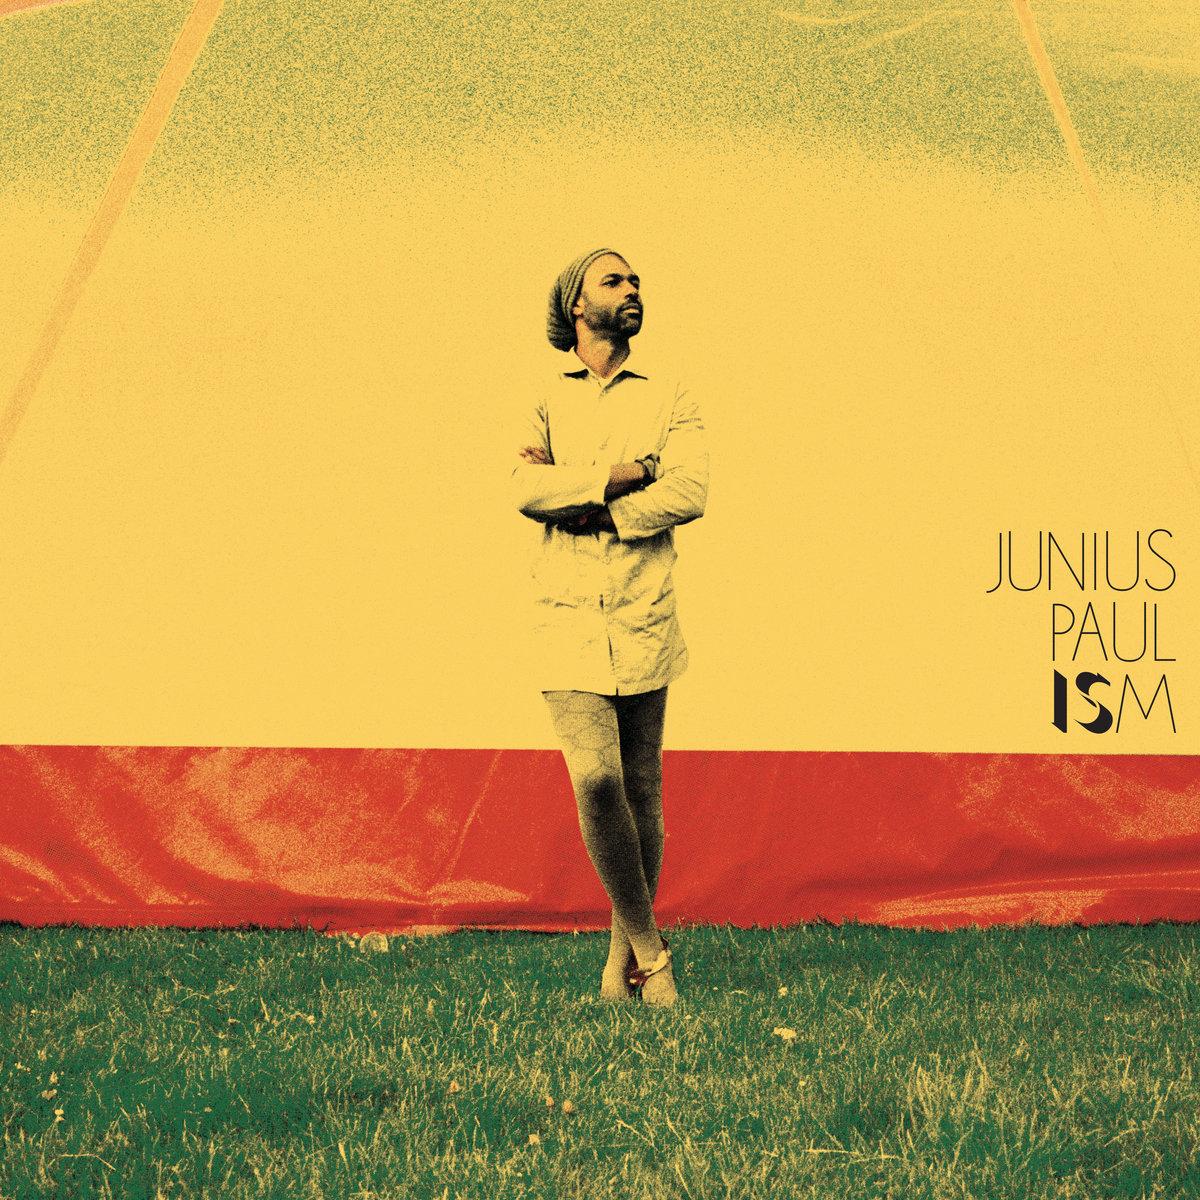 """Junius Paul – """"Ism"""""""